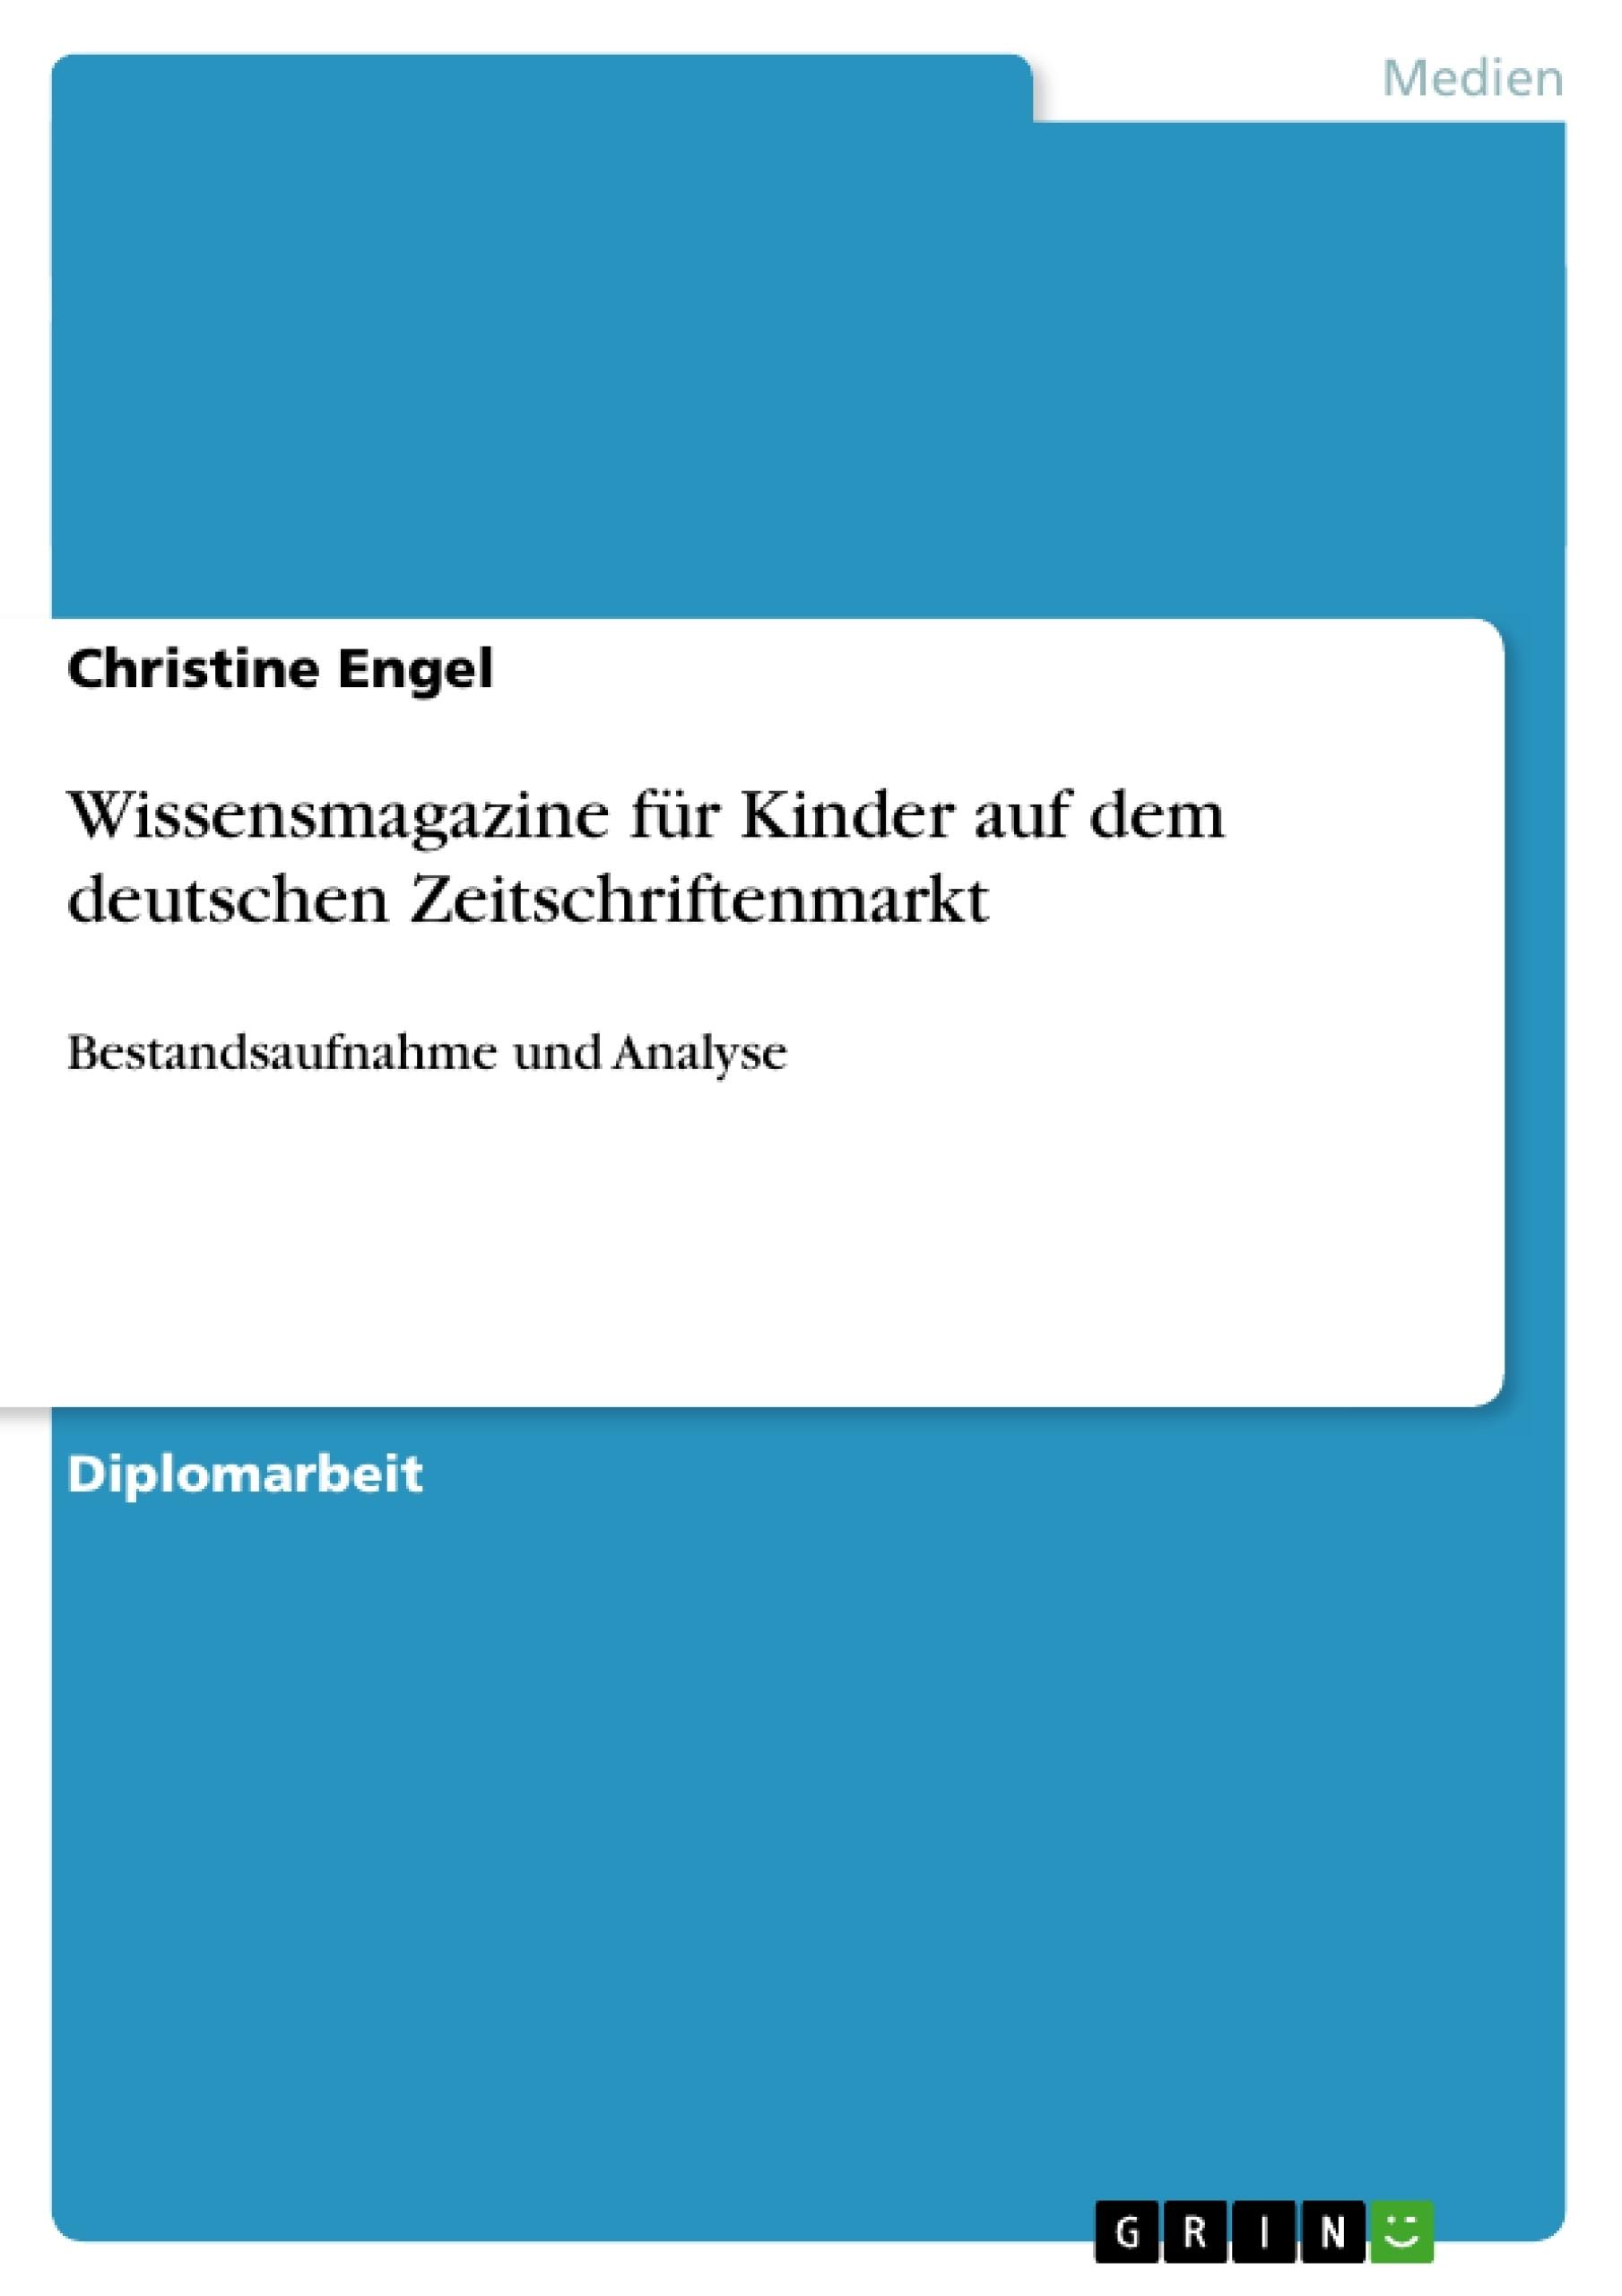 Wissensmagazine für Kinder auf dem deutschen Zeitschriftenmarkt ...